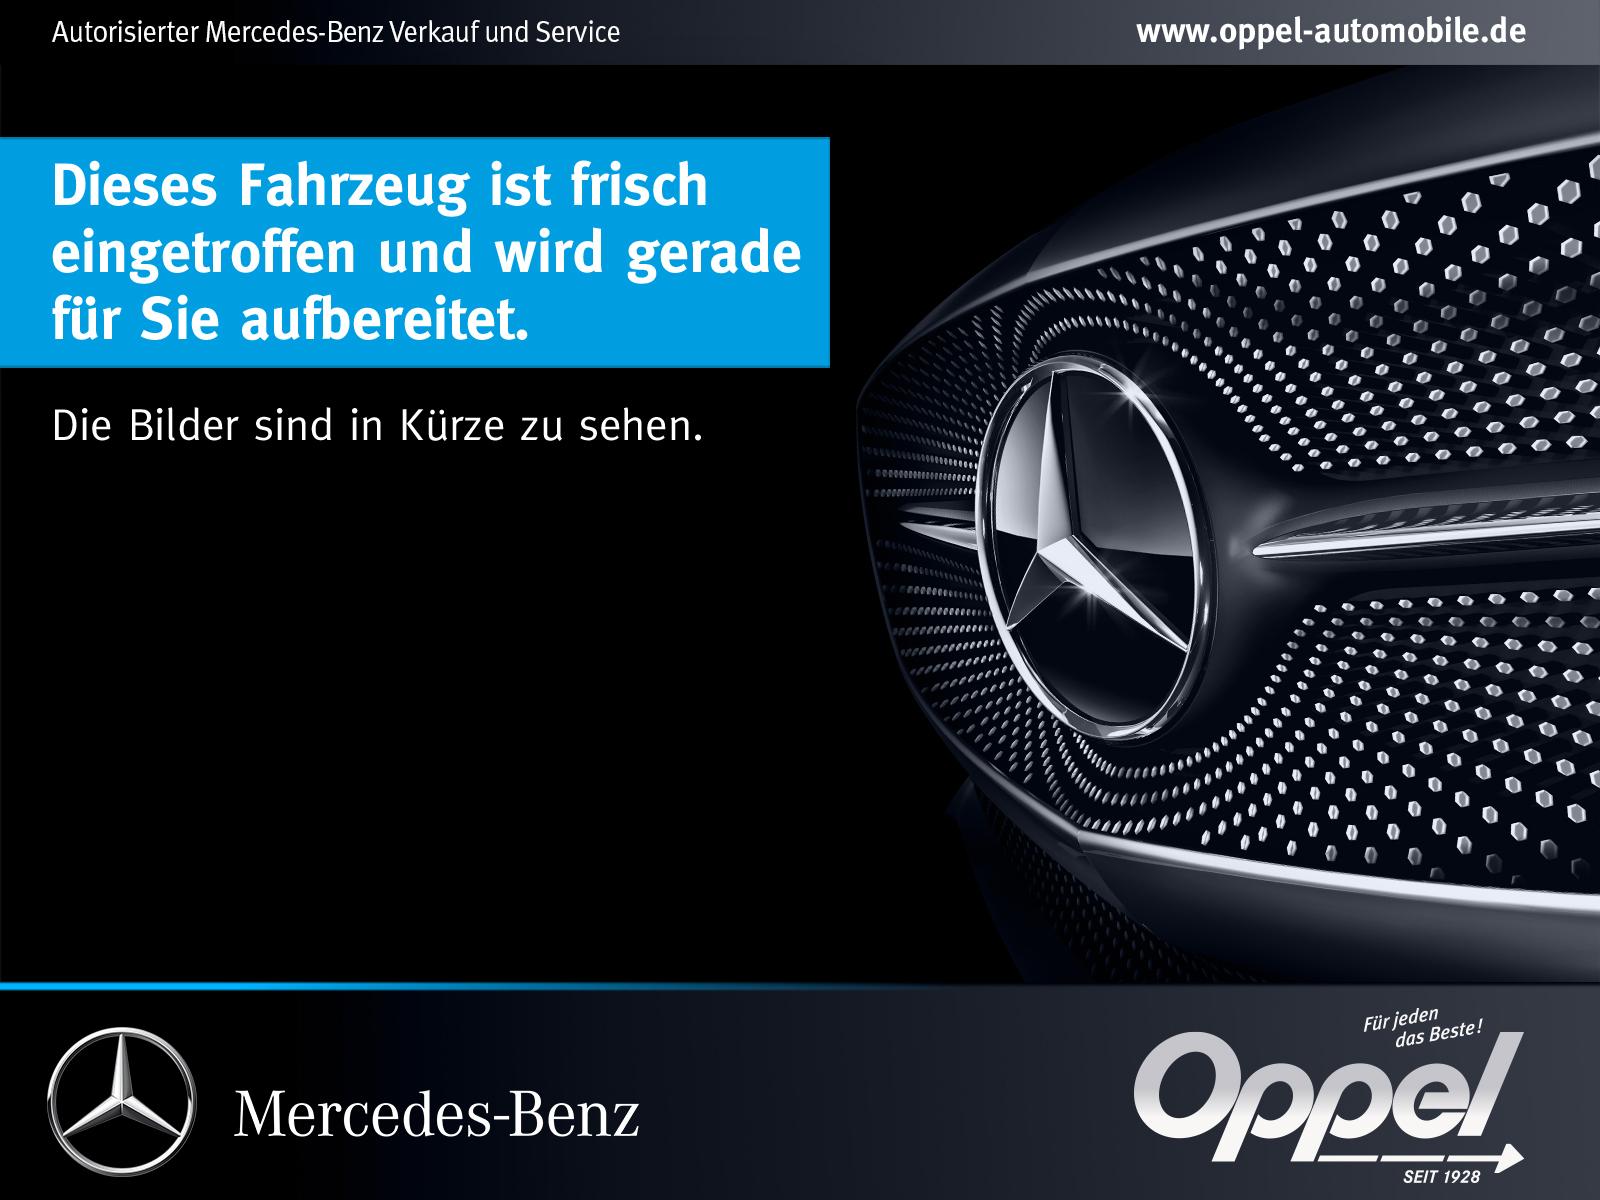 Mercedes-Benz GLS 500 4MATIC AHK+PANO-SCHIEBD.+STANDH+360°-K., Jahr 2020, Benzin